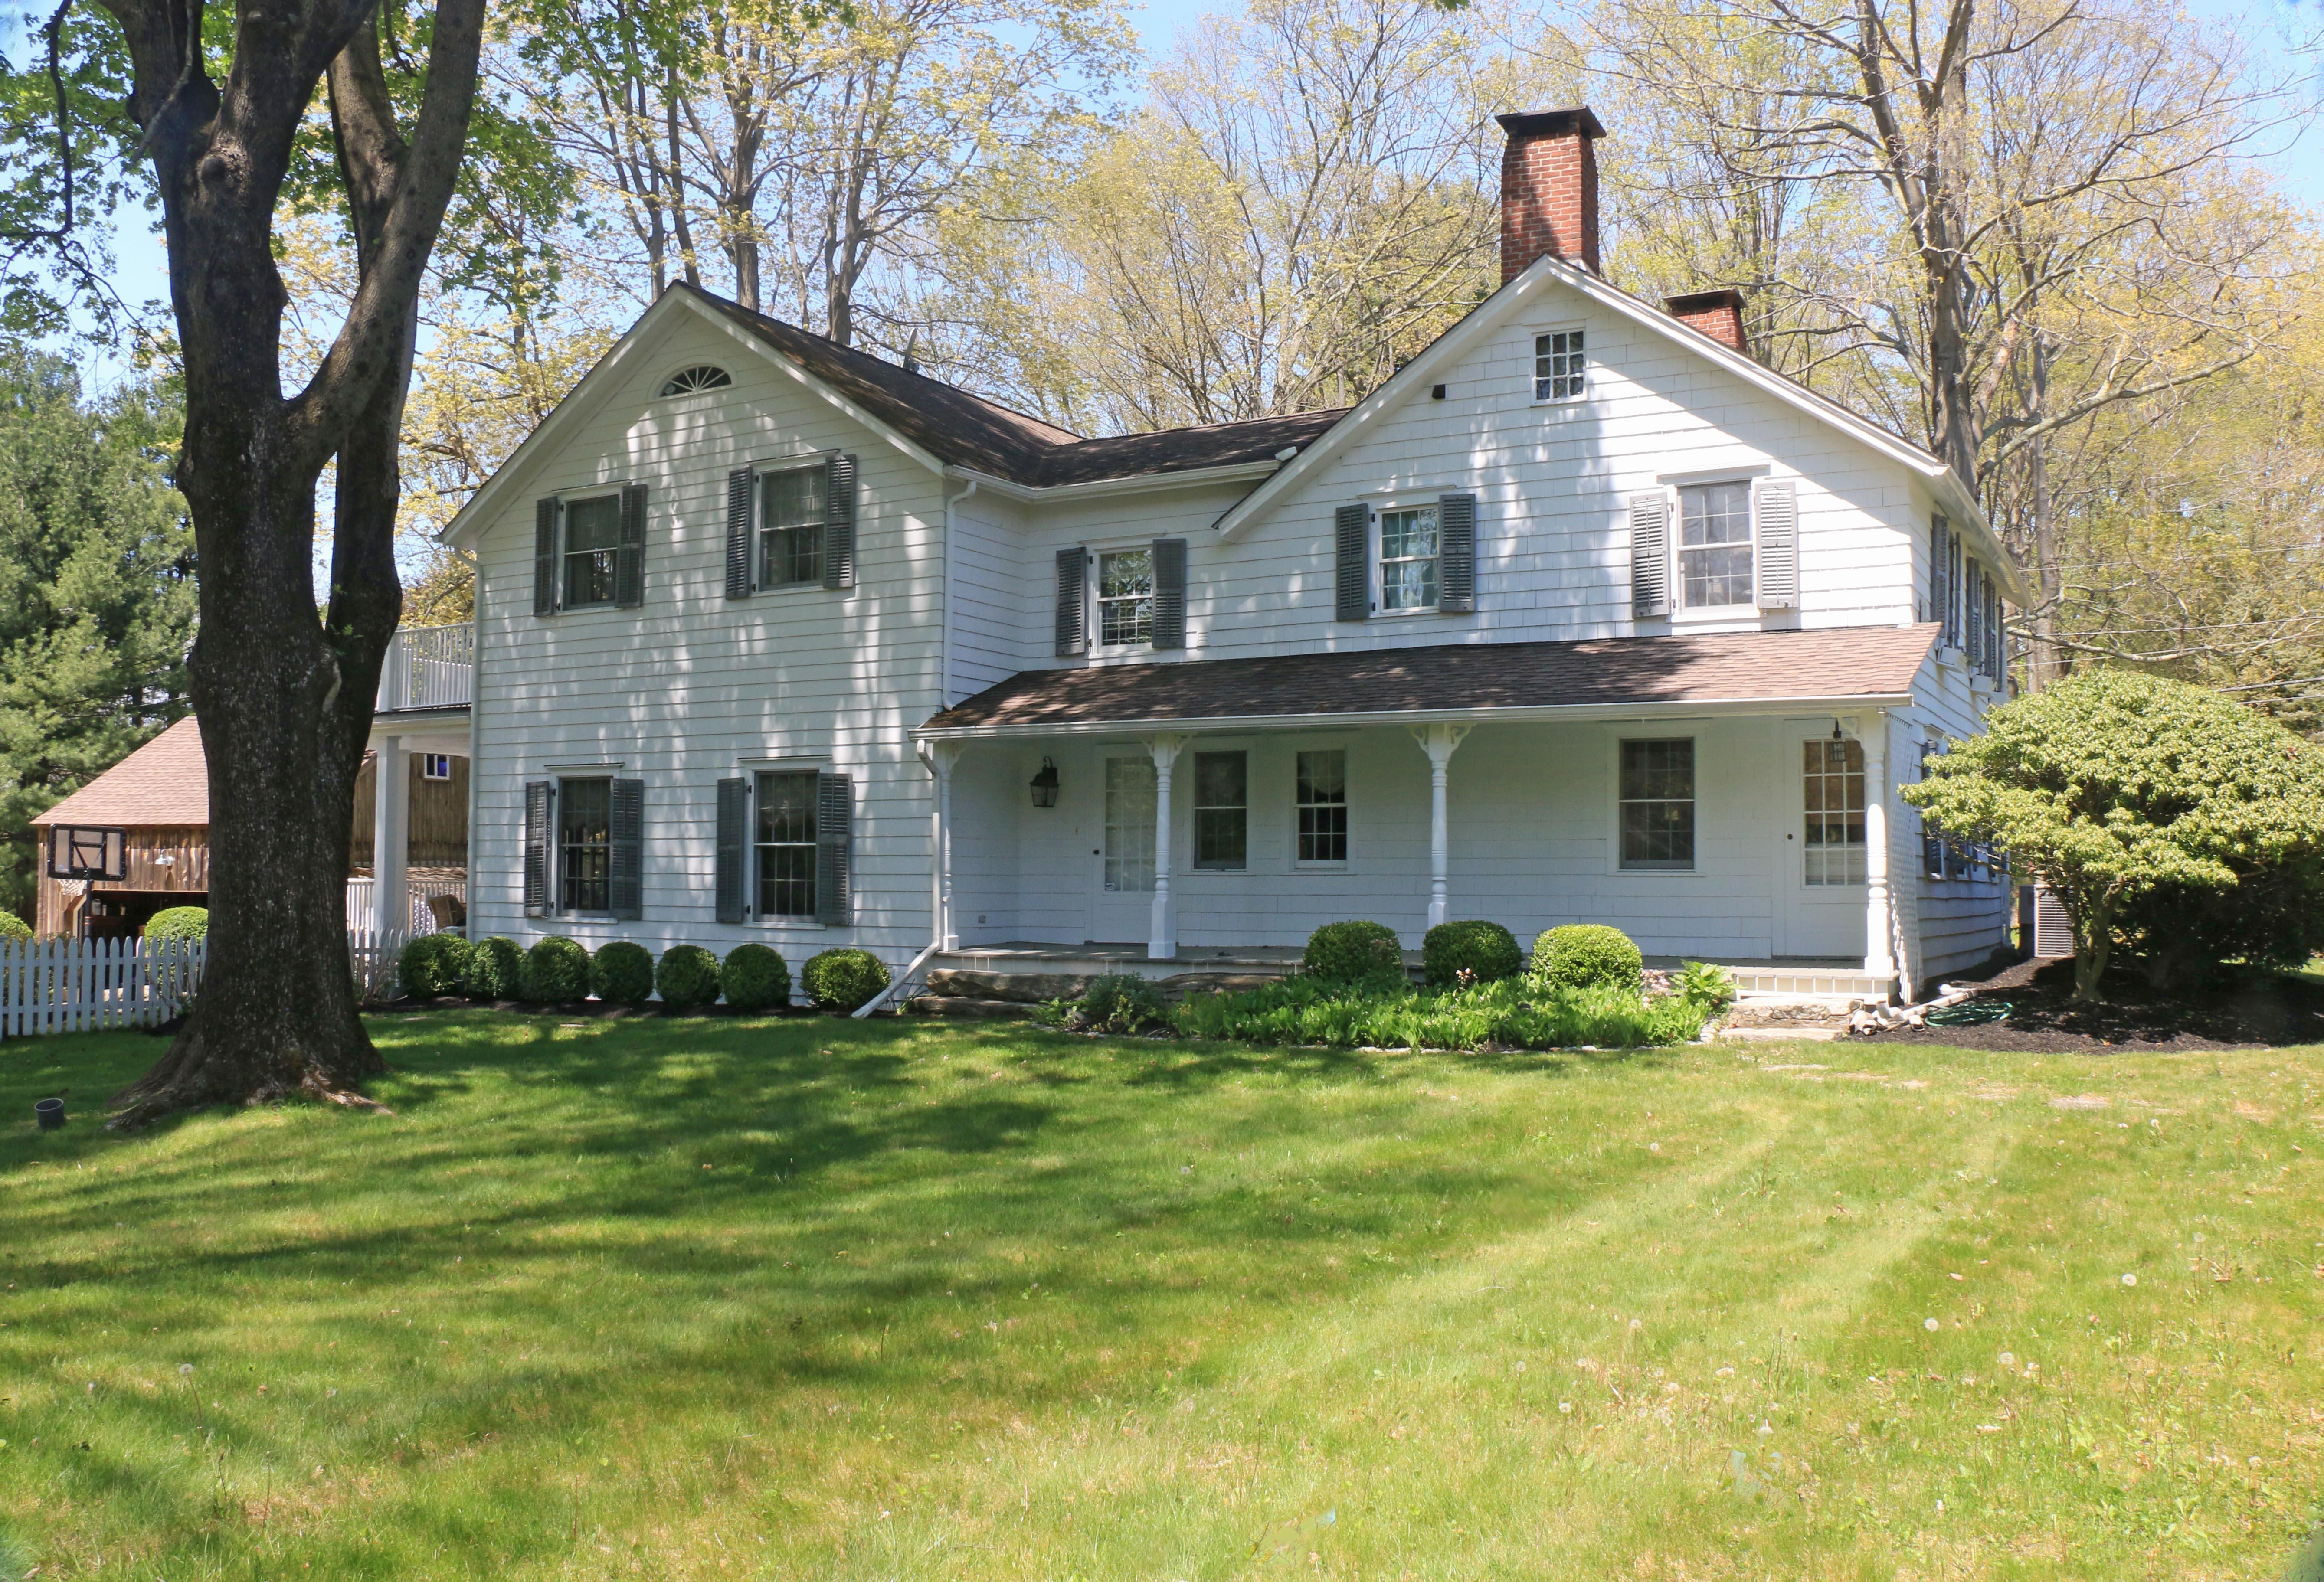 Maison unifamiliale pour l Vente à Inviting, Timeless Appeal 789 Ridgefield Road Wilton, Connecticut, 06897 États-Unis